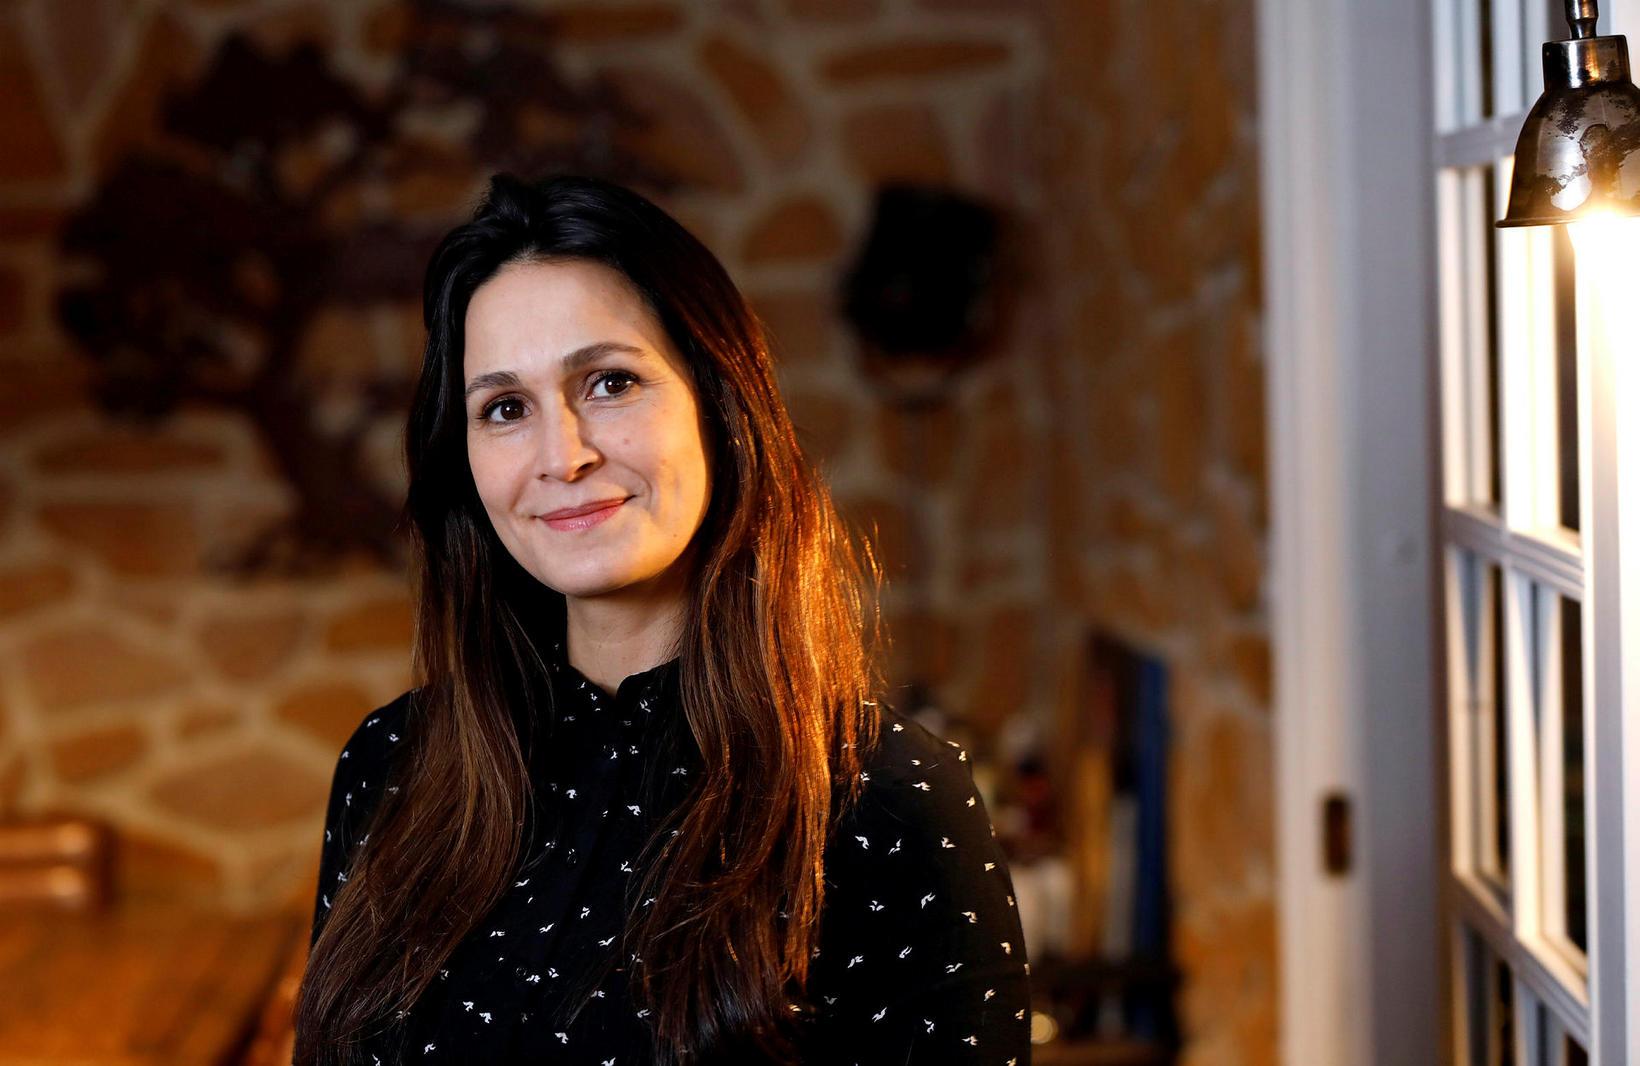 Paola Cardenes er klínískur sálfræðingur, fjölskyldufræðingur og doktorsnemi í sálfræði …